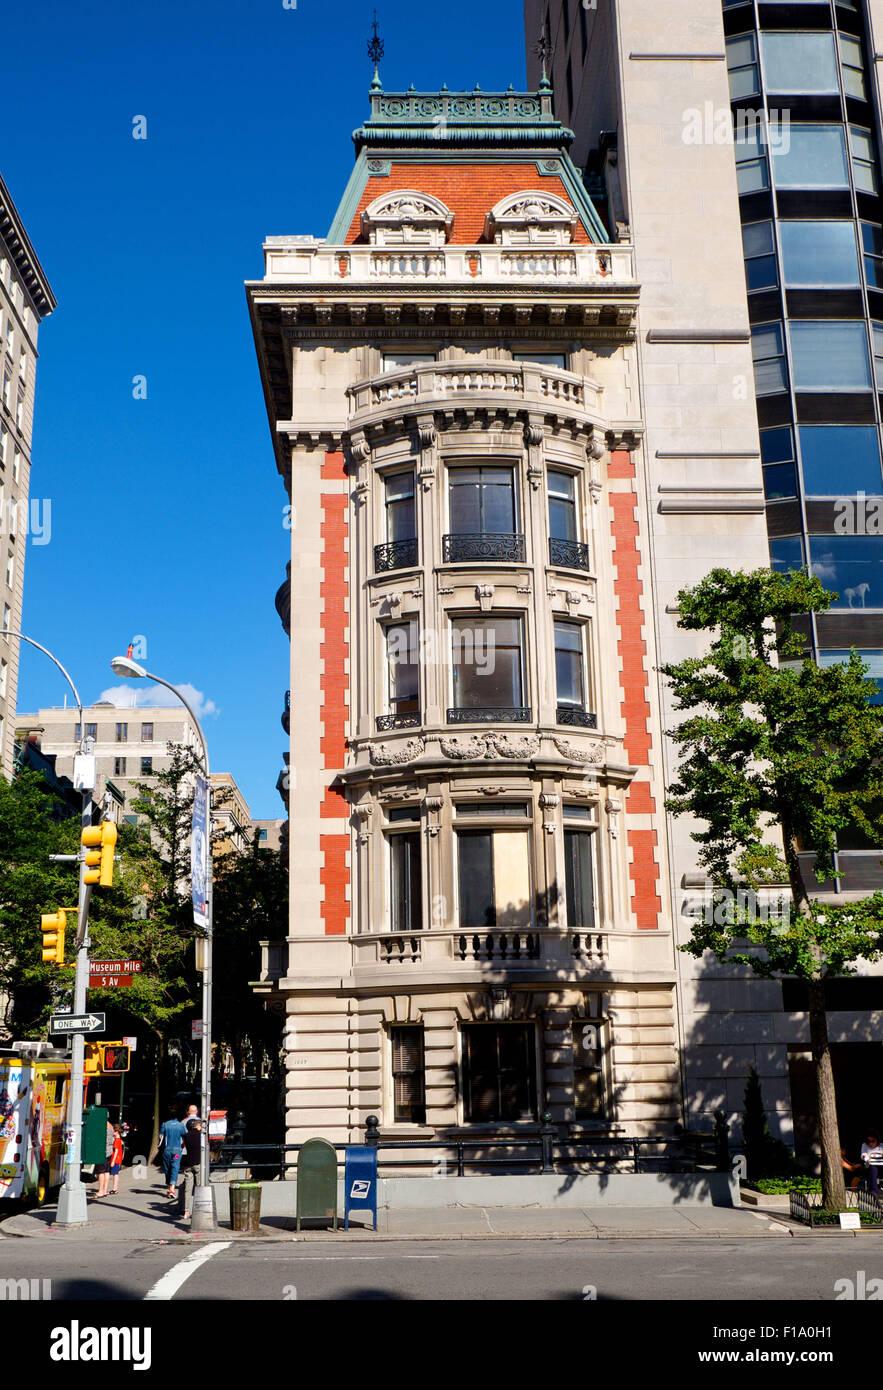 Продажа бизнеса new york разместить объявление по недвижимости днепропетровск